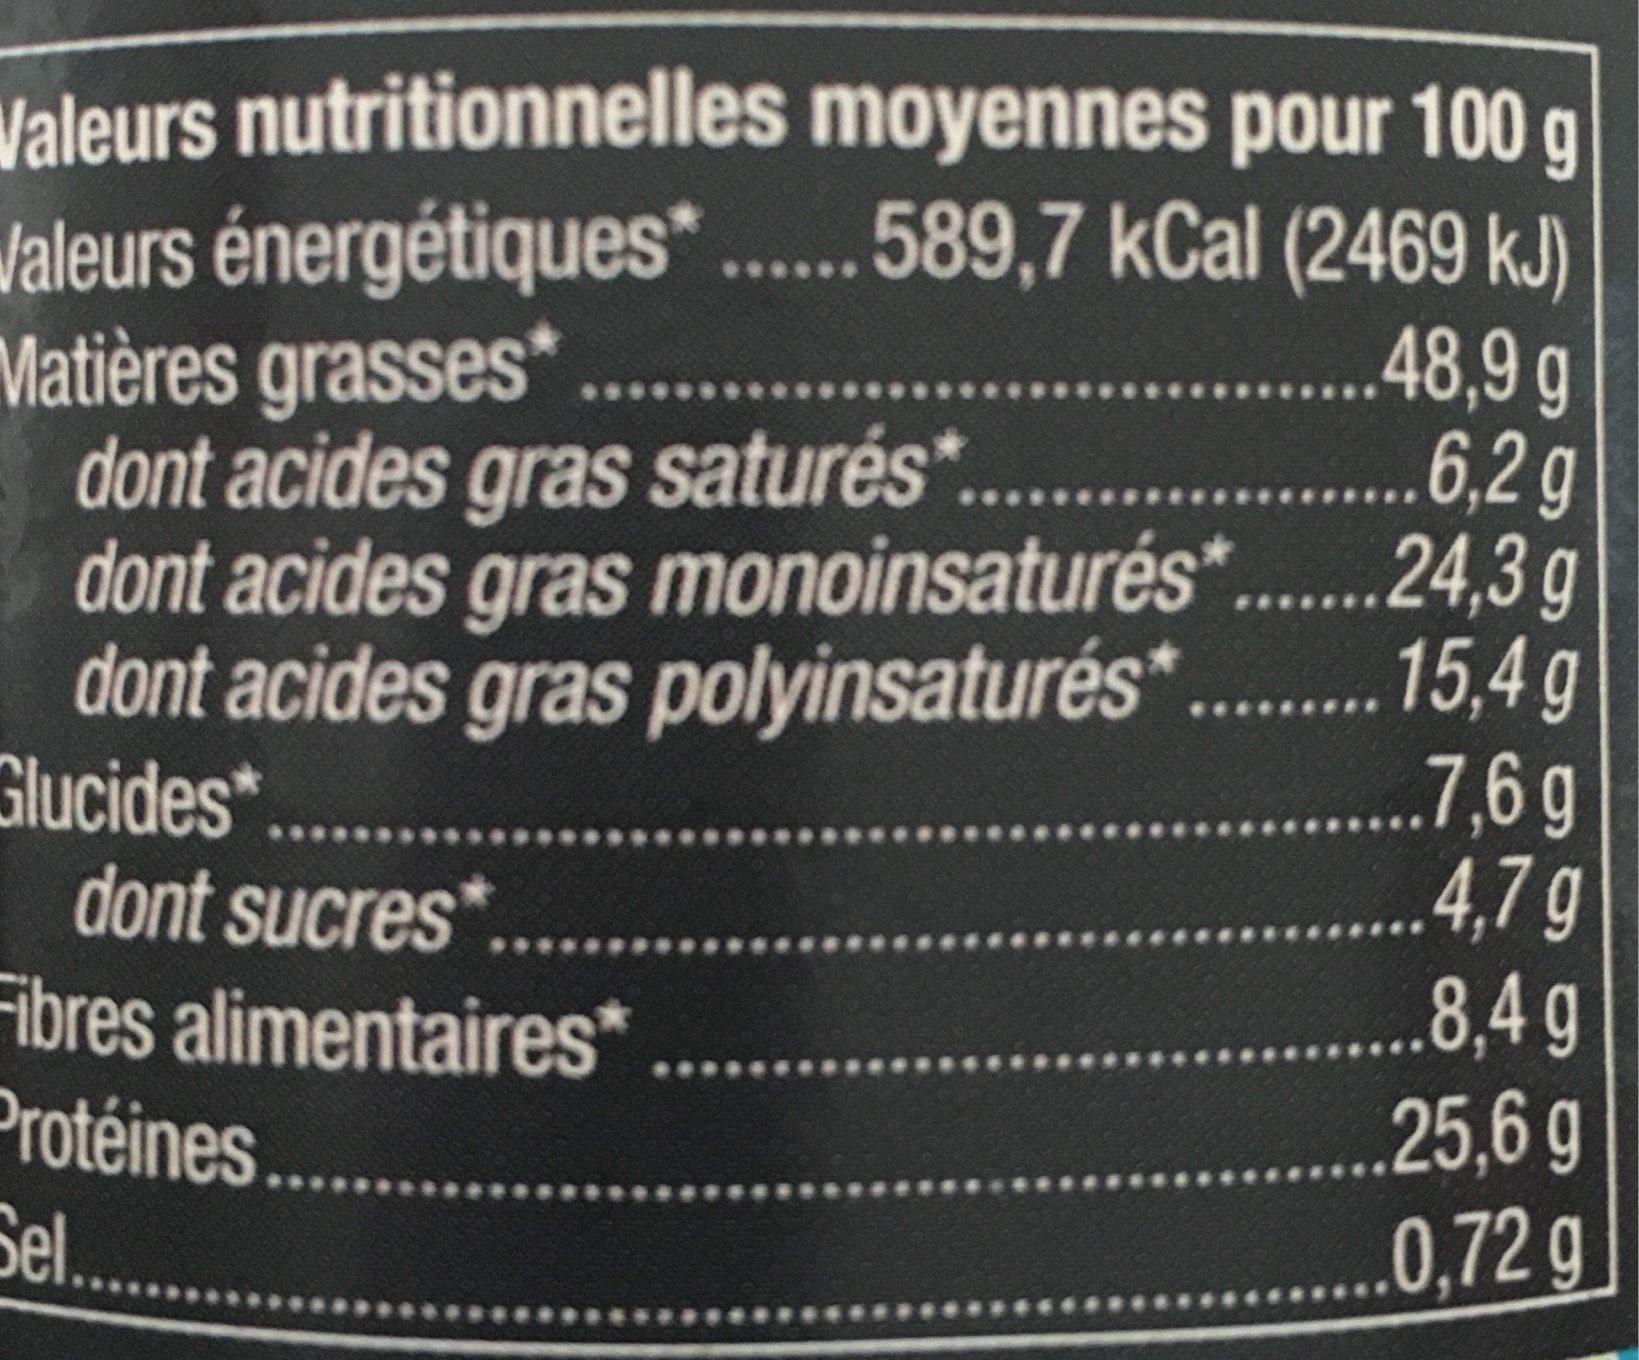 Beurre de cacahuètes - Informations nutritionnelles - fr